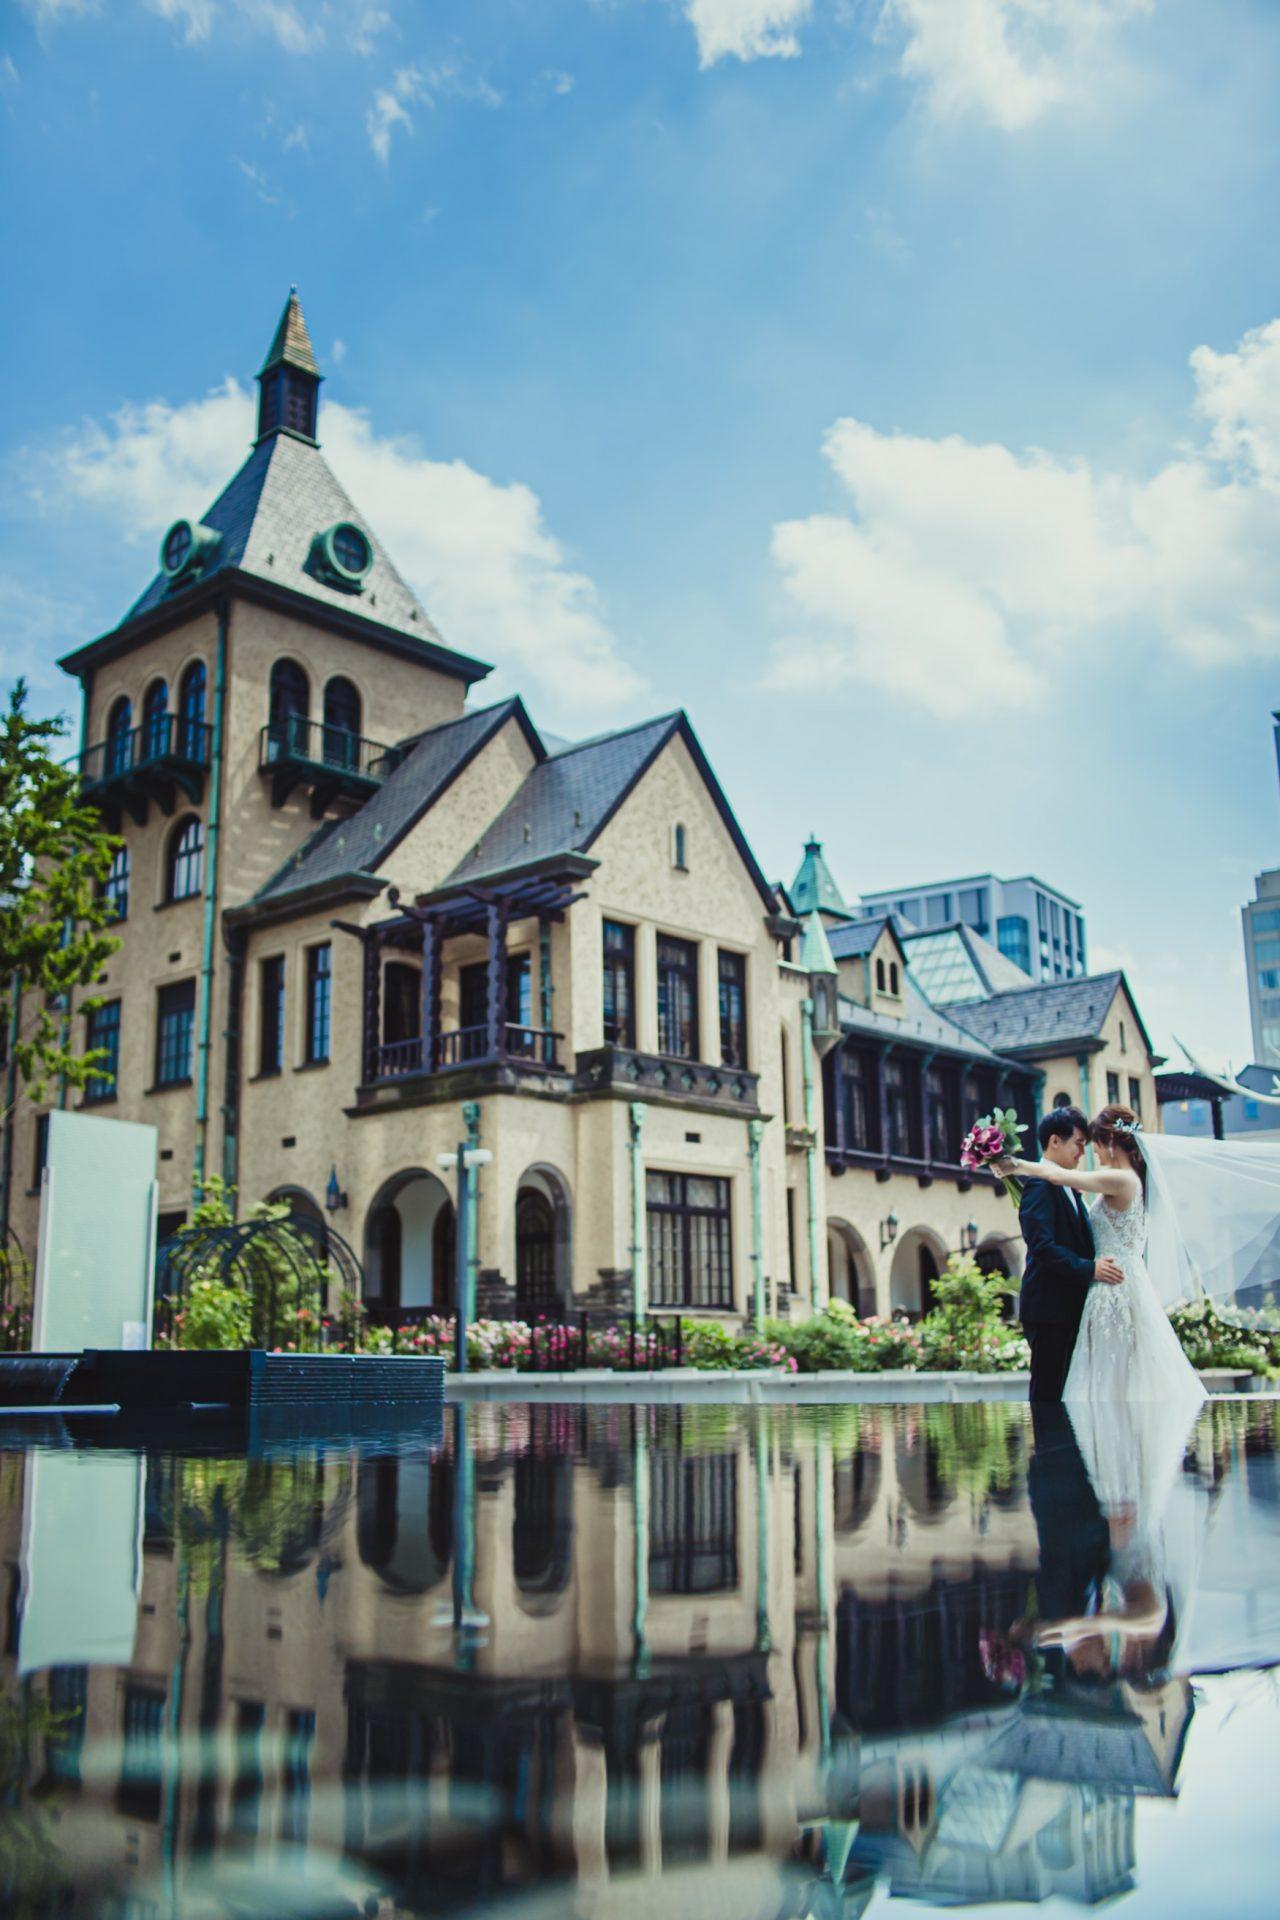 赤坂プリンスクラシックハウス専属のドレスショップ ザ・トリート・ドレッシングのブラックタキシードやインポートウェディングドレスを着て行うお洒落なロケーション撮影は、2020年冬から2021年春の挙式のお客様現在ご検討中です